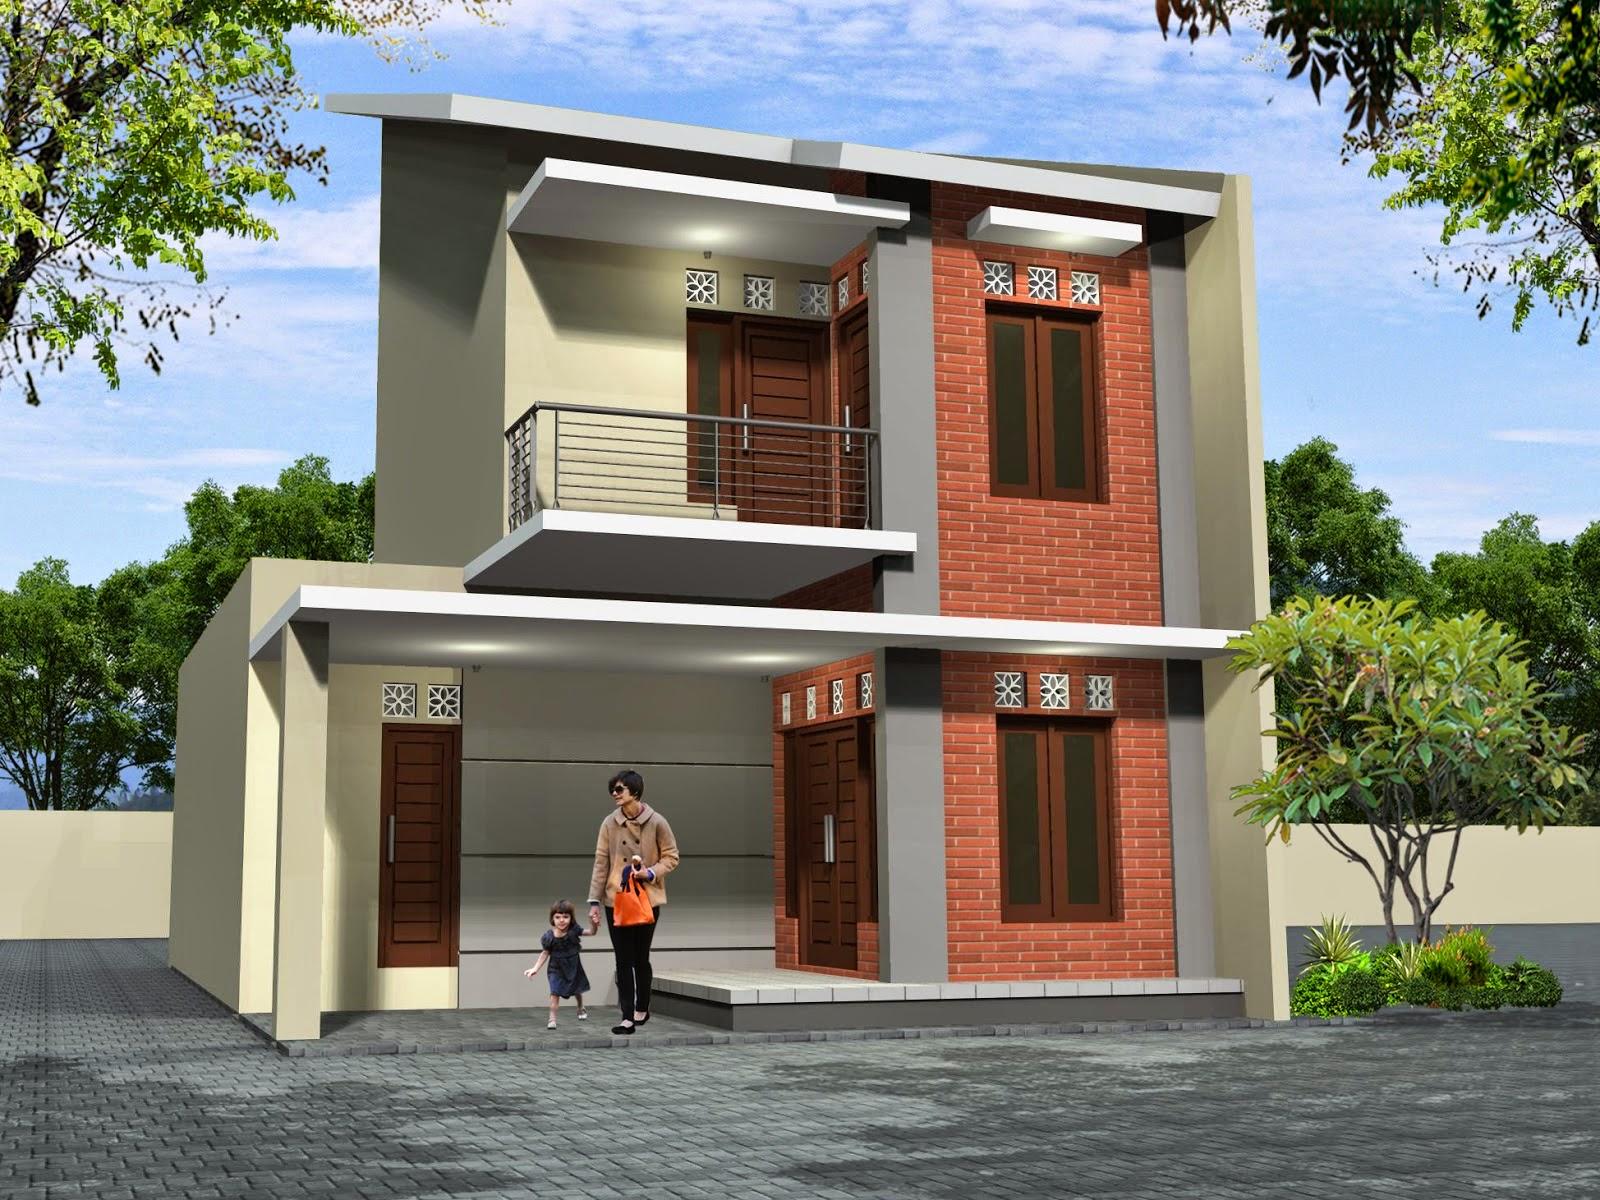 Desain Rumah Minimalis 2 Lantai Type 55 Gambar Foto Desain Rumah